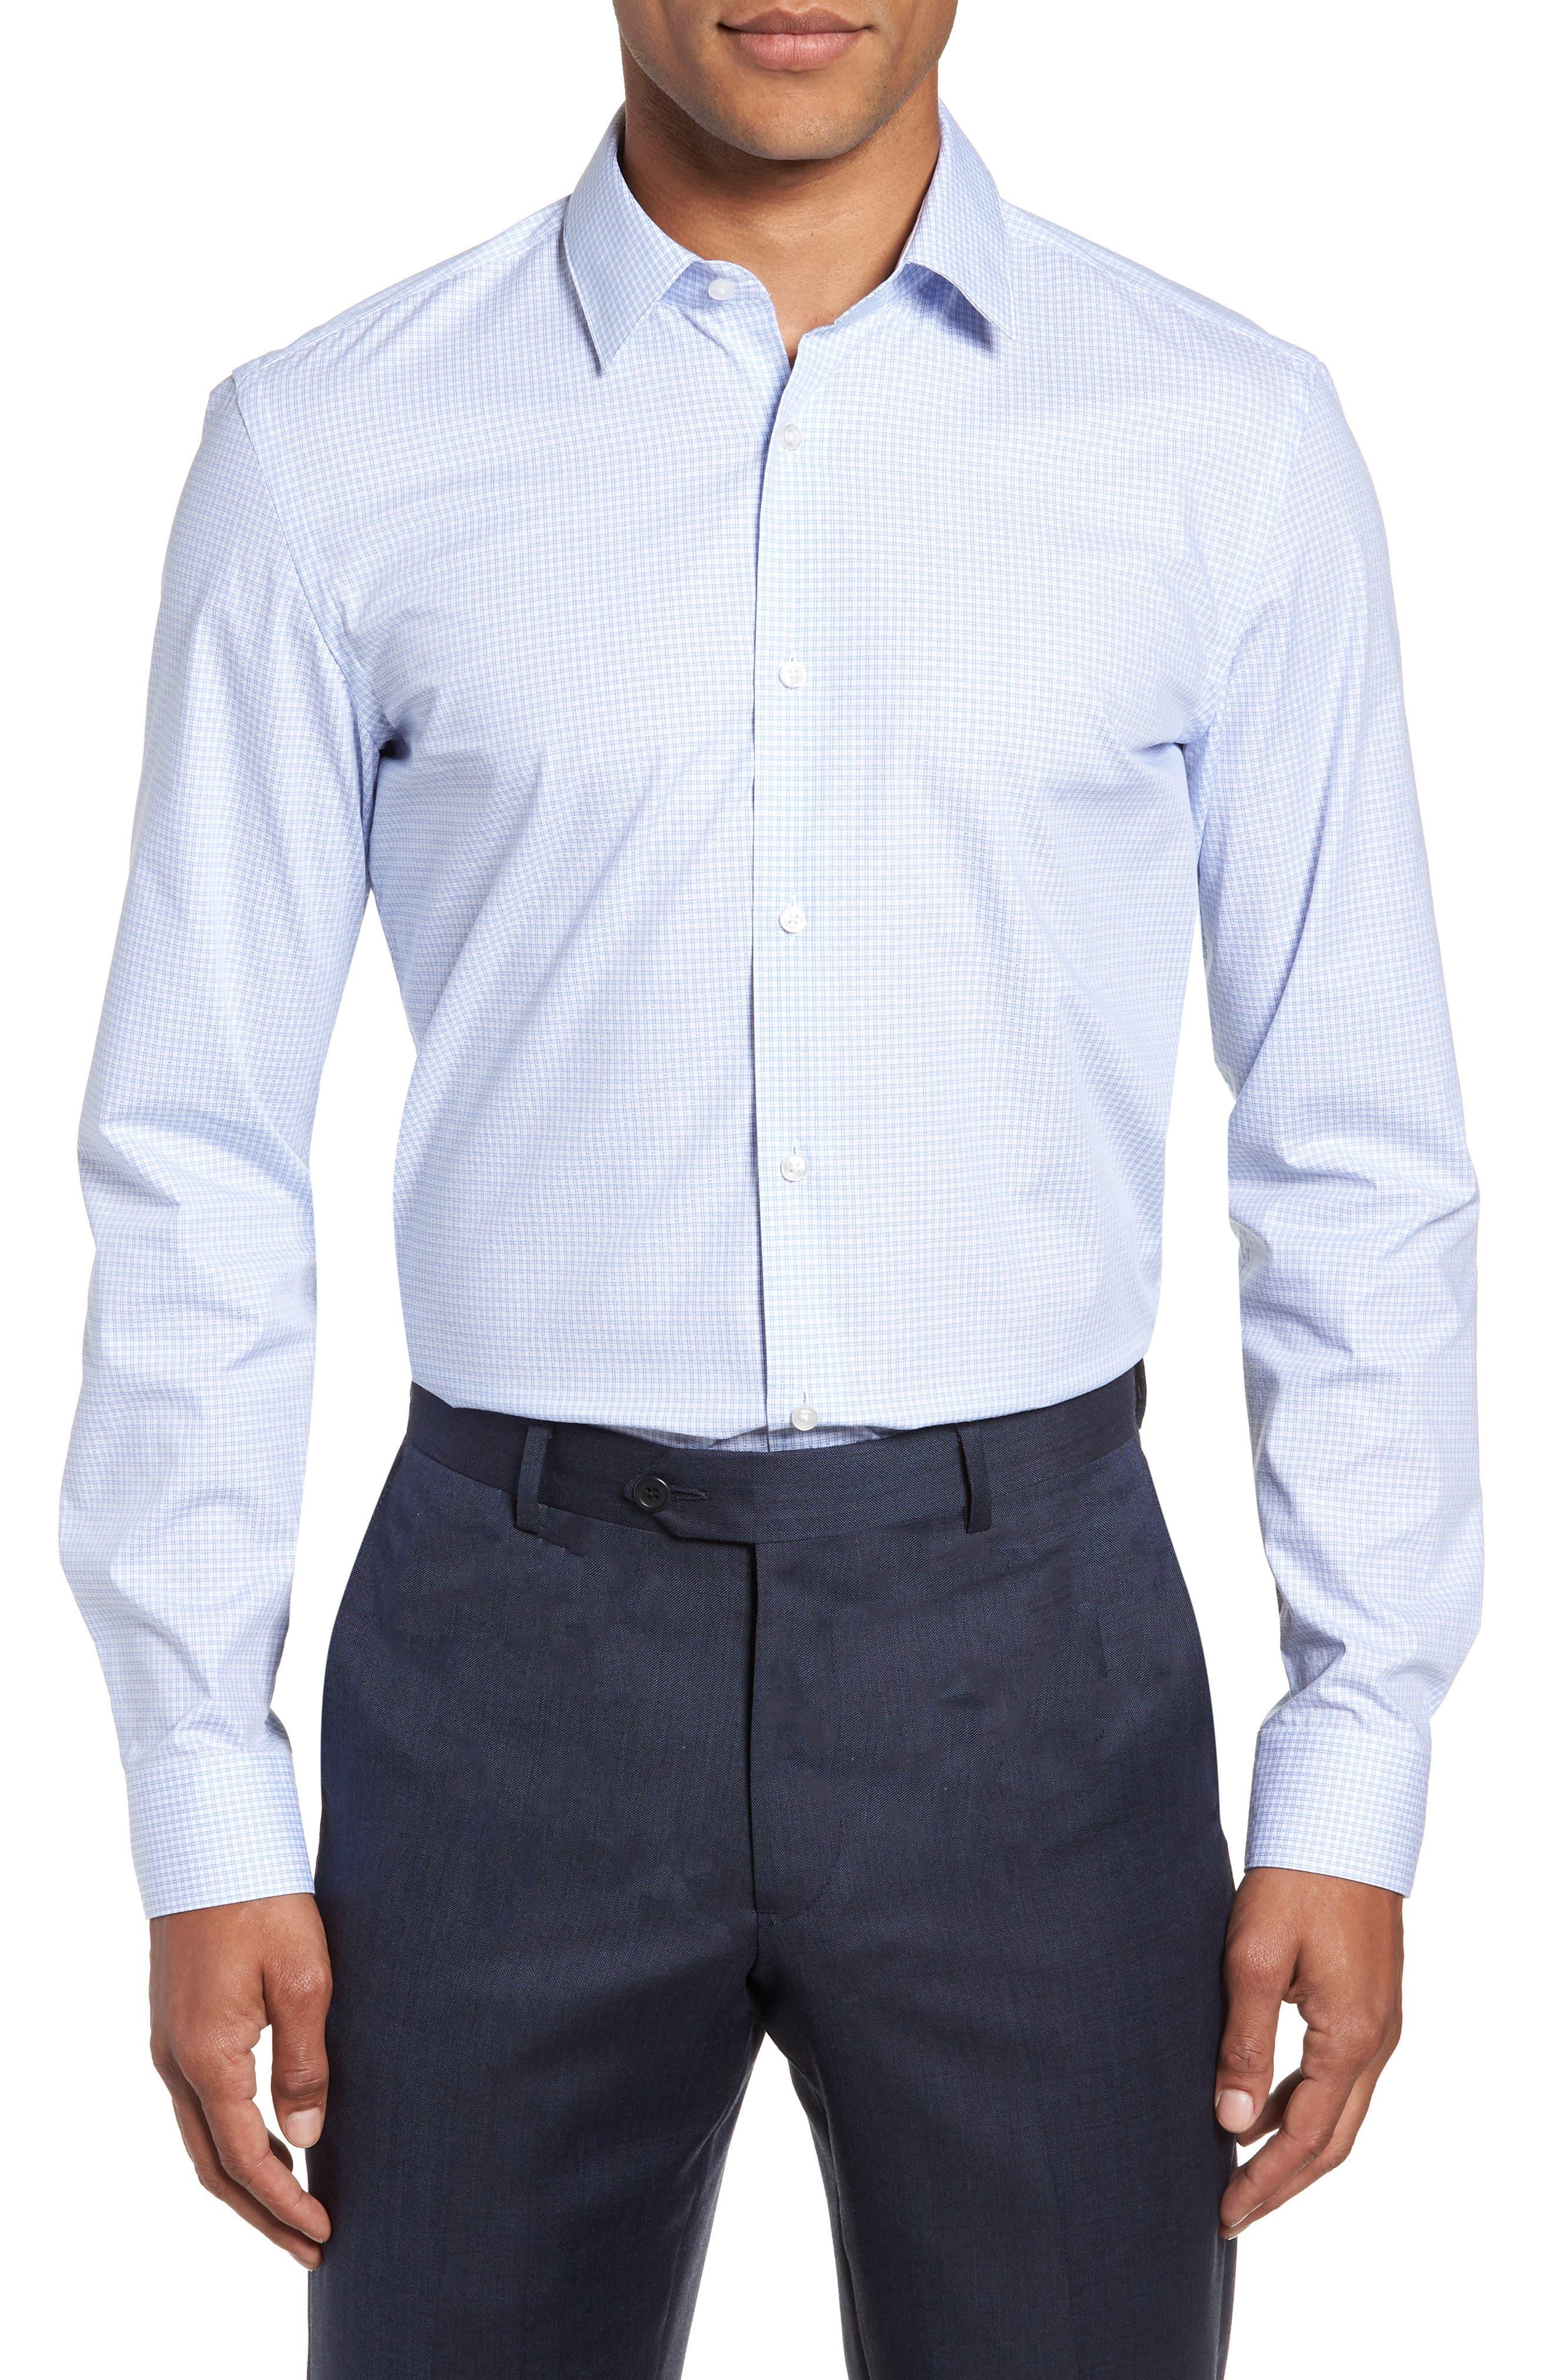 Isko Slim Fit Stretch Check Dress Shirt,                         Main,                         color, 450